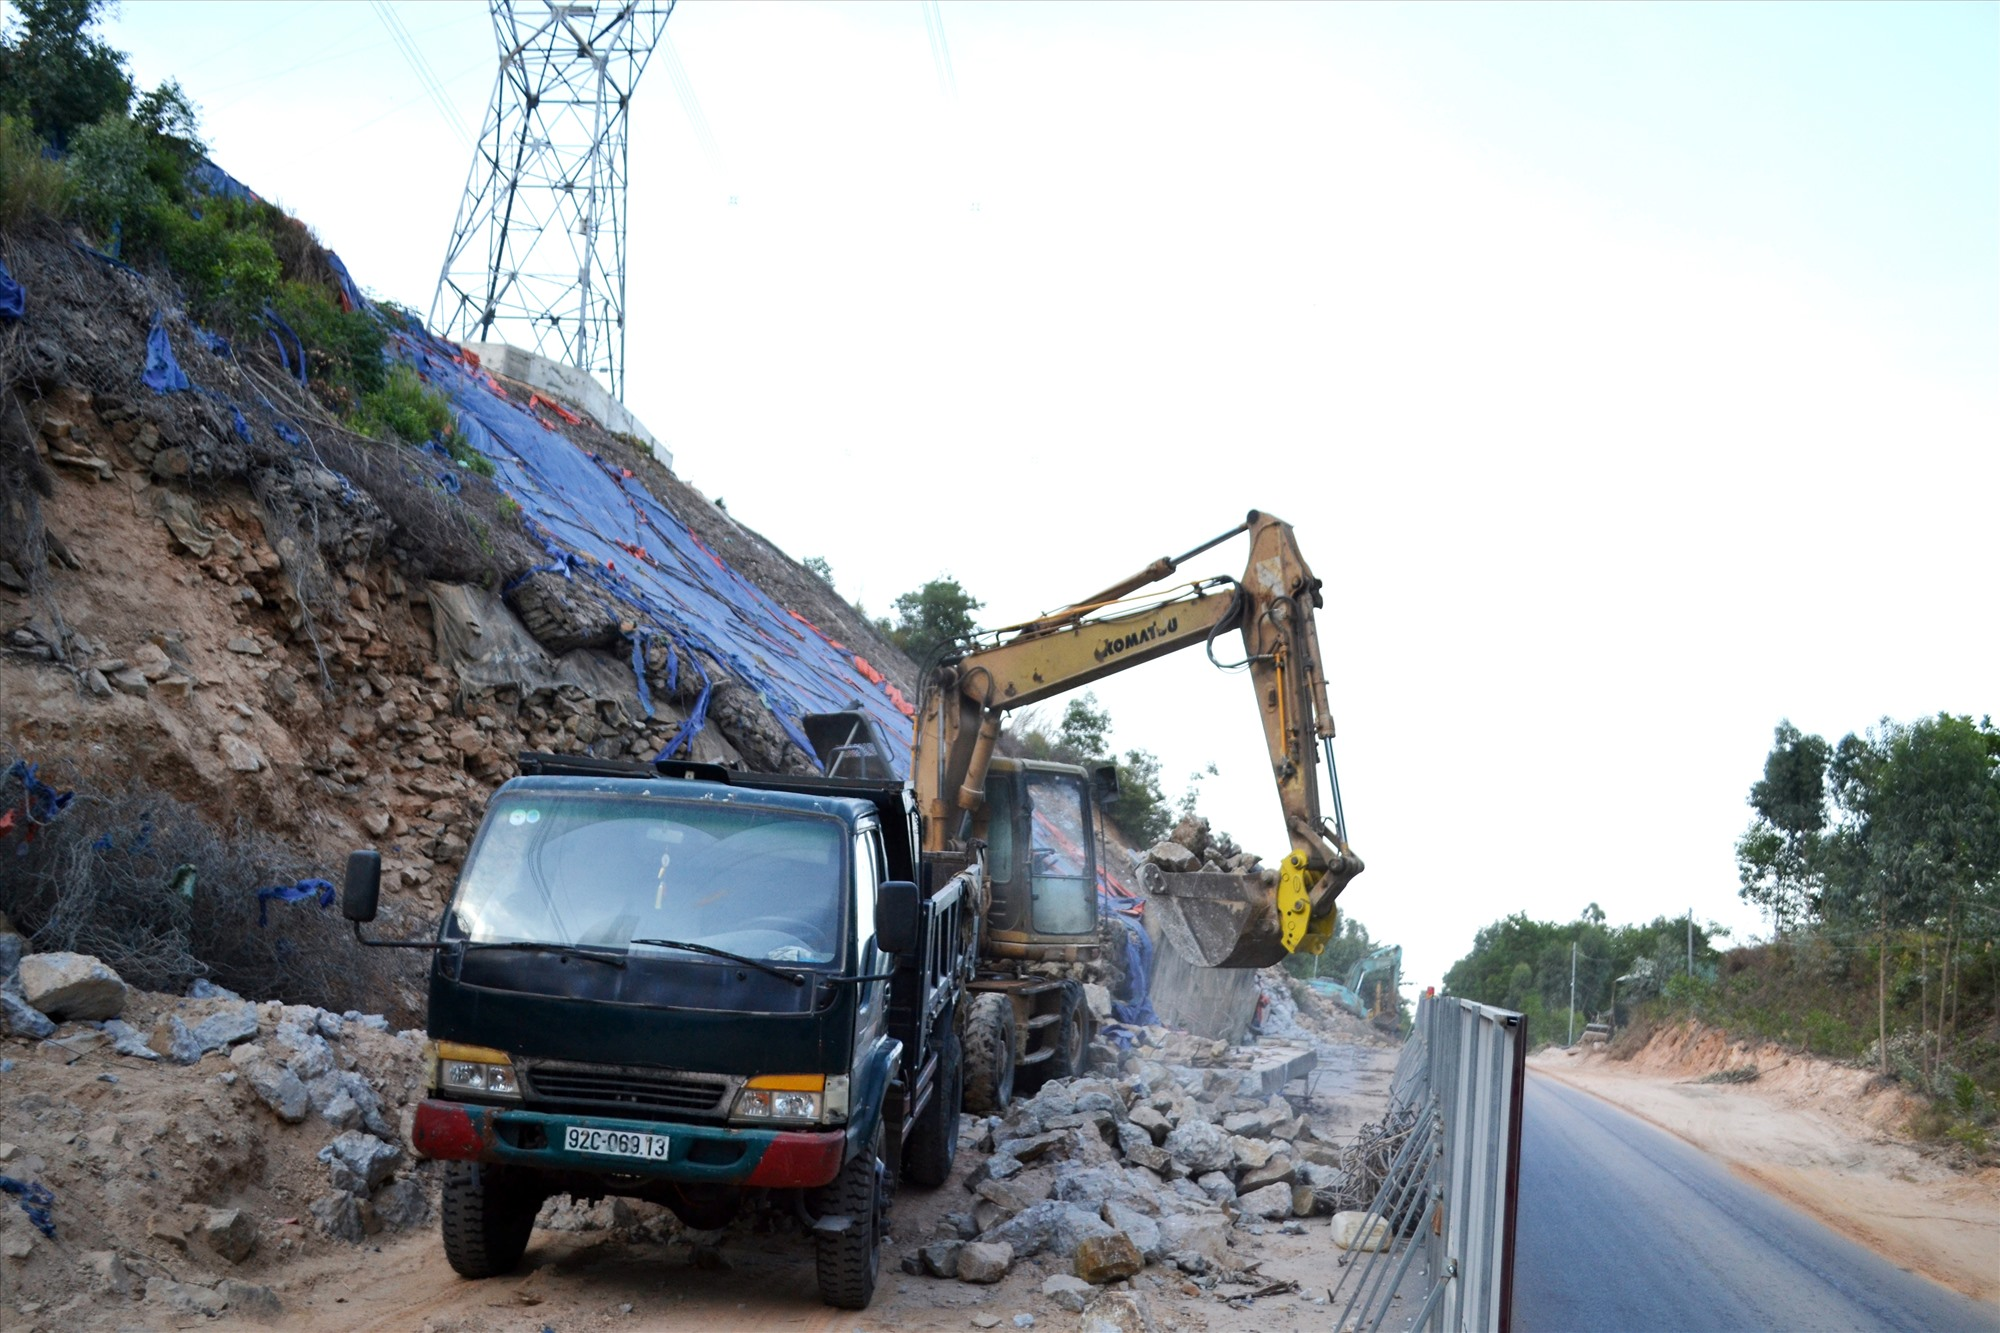 Tiến hành sửa chữa taluy bị sạt lở trên quốc lộ 14B qua xã Đại Quang (Đại Lộc). Ảnh: C.T